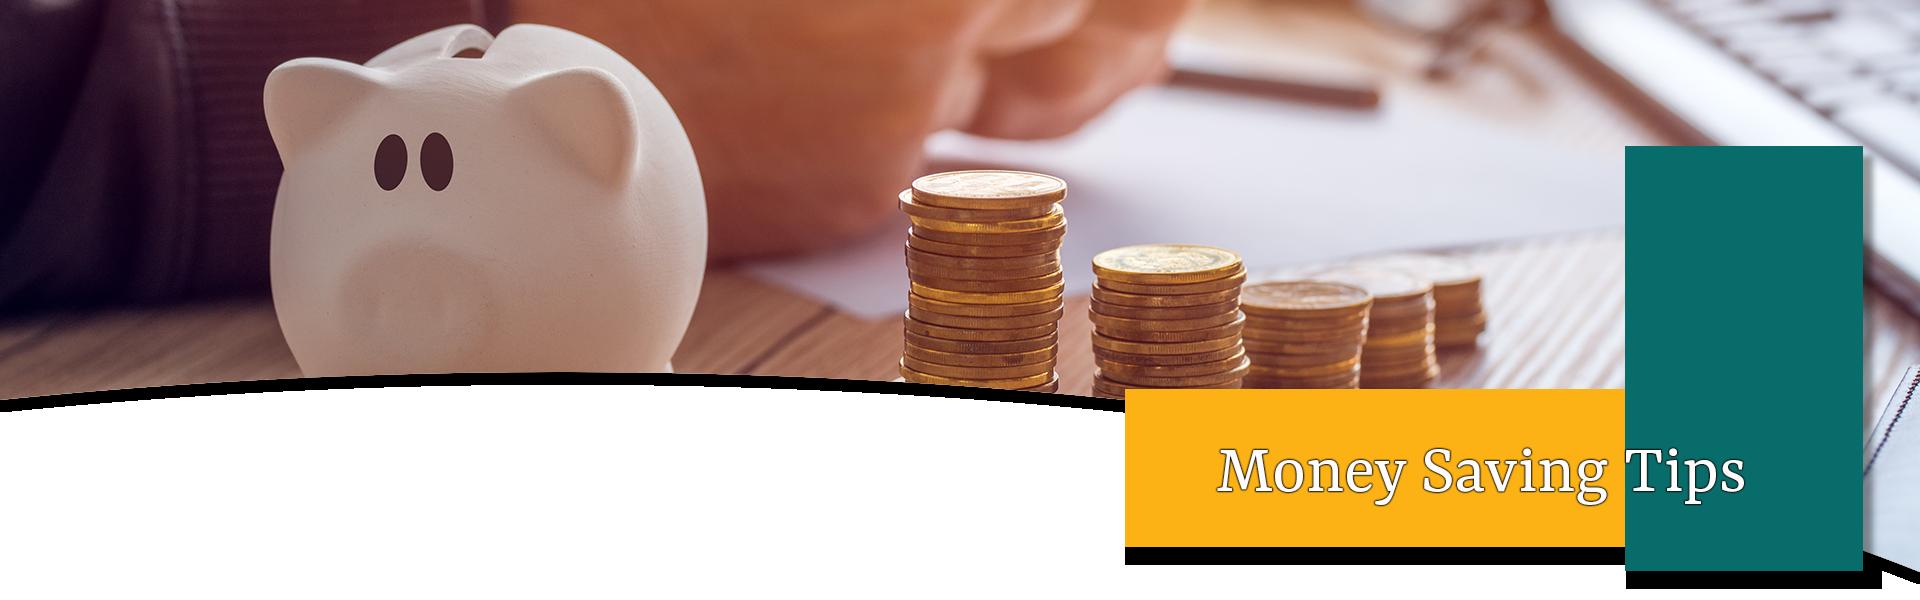 money_tips_header